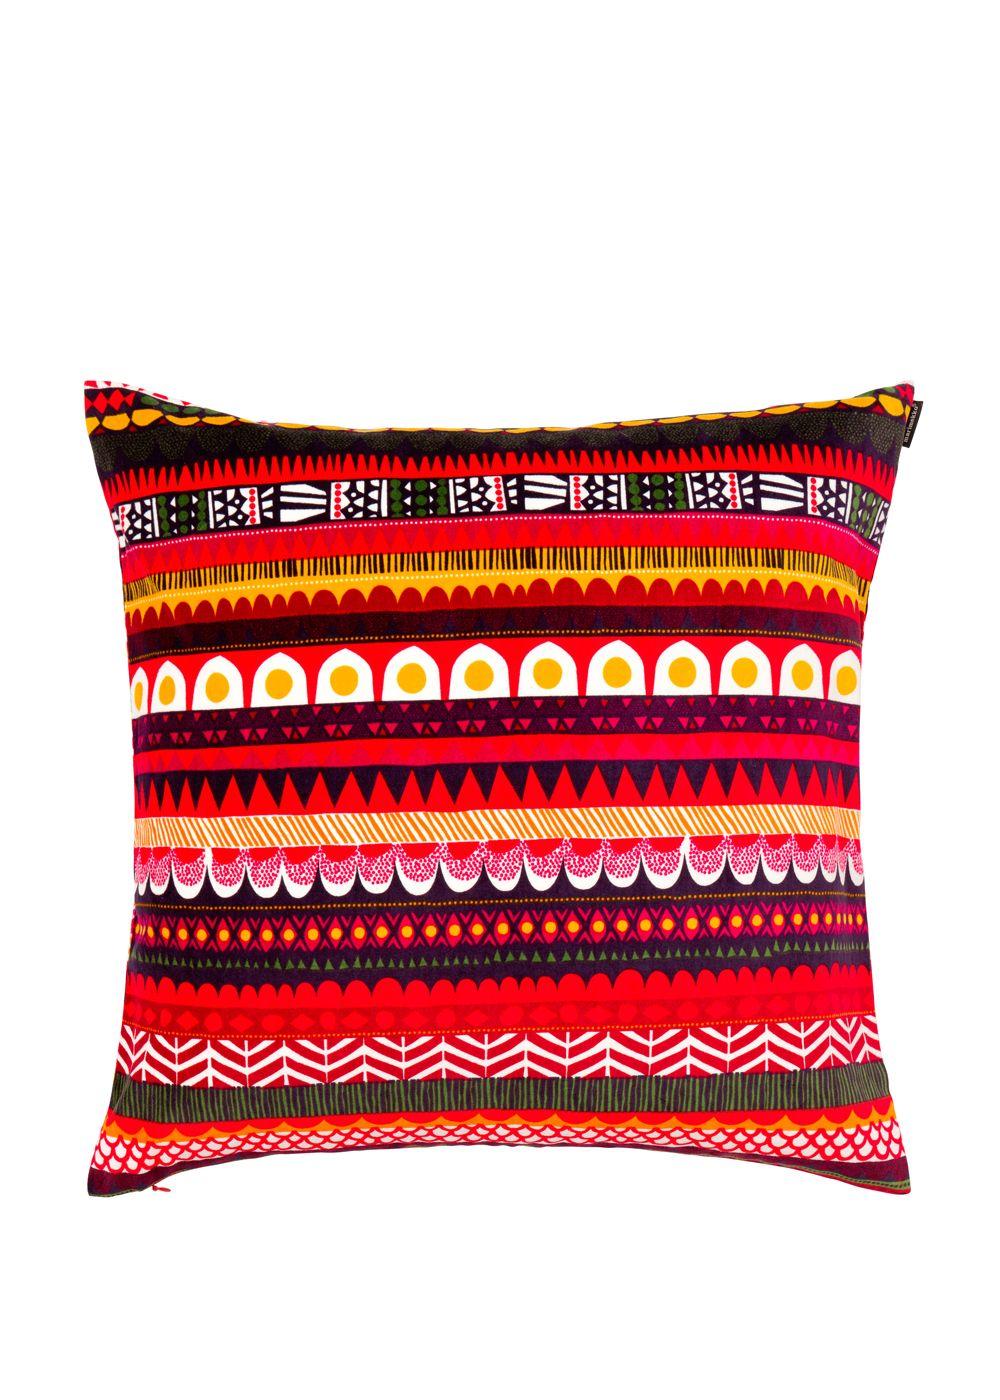 Marimekko Raanu Cushion Cover Marimekko Pillows Outdoor Pillows